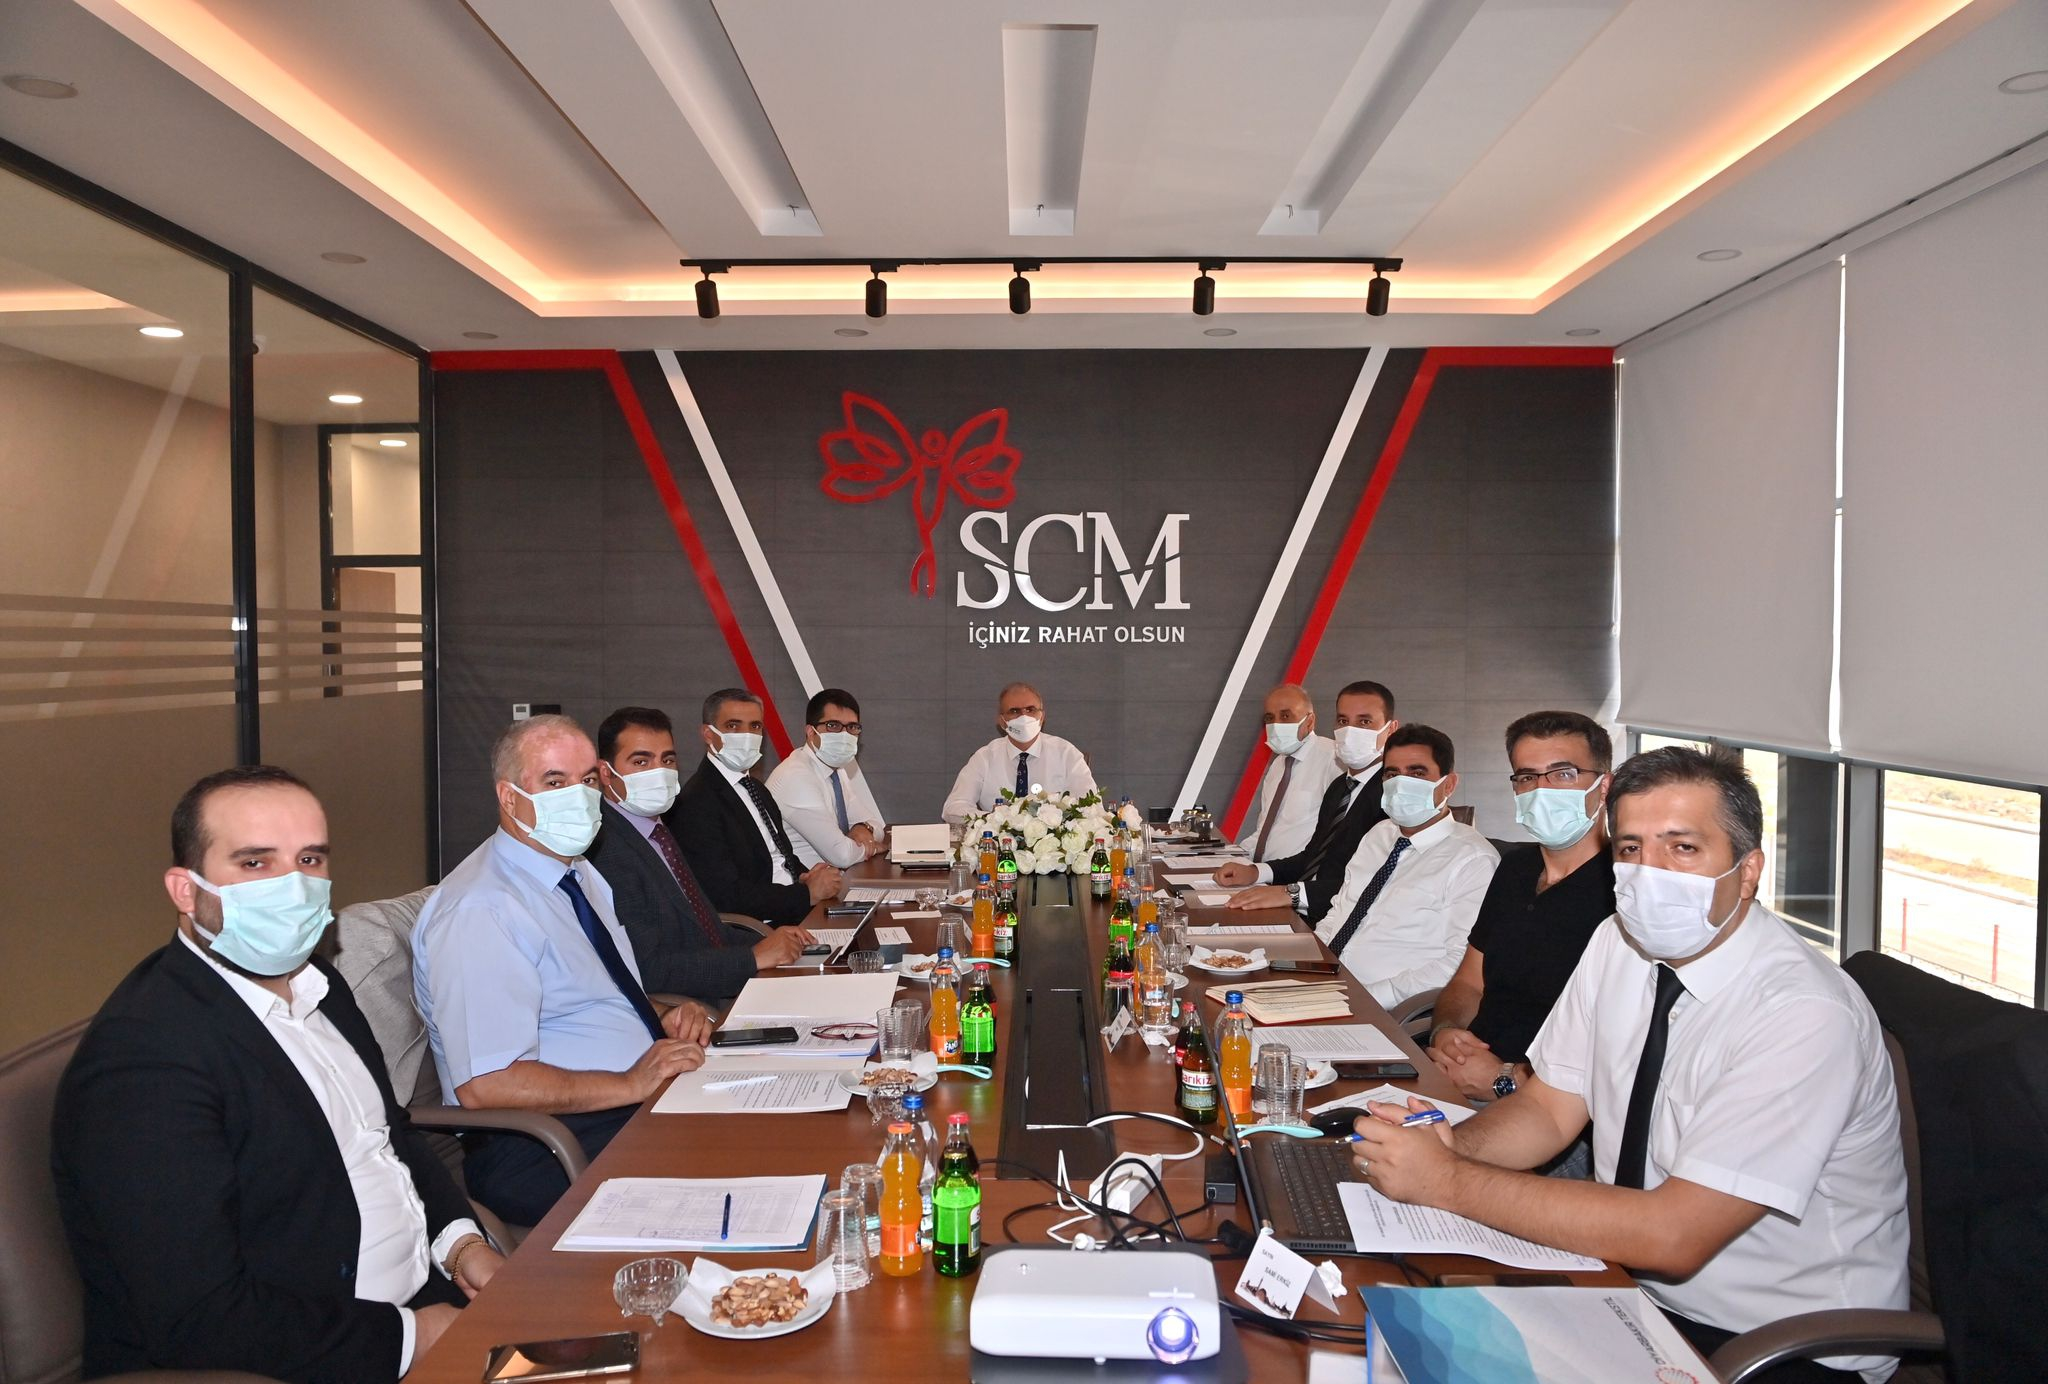 Sn. Vali Münir KARAOĞLU Başkanlığında Yönetim Kurulu Toplantımız Gerçekleşti.